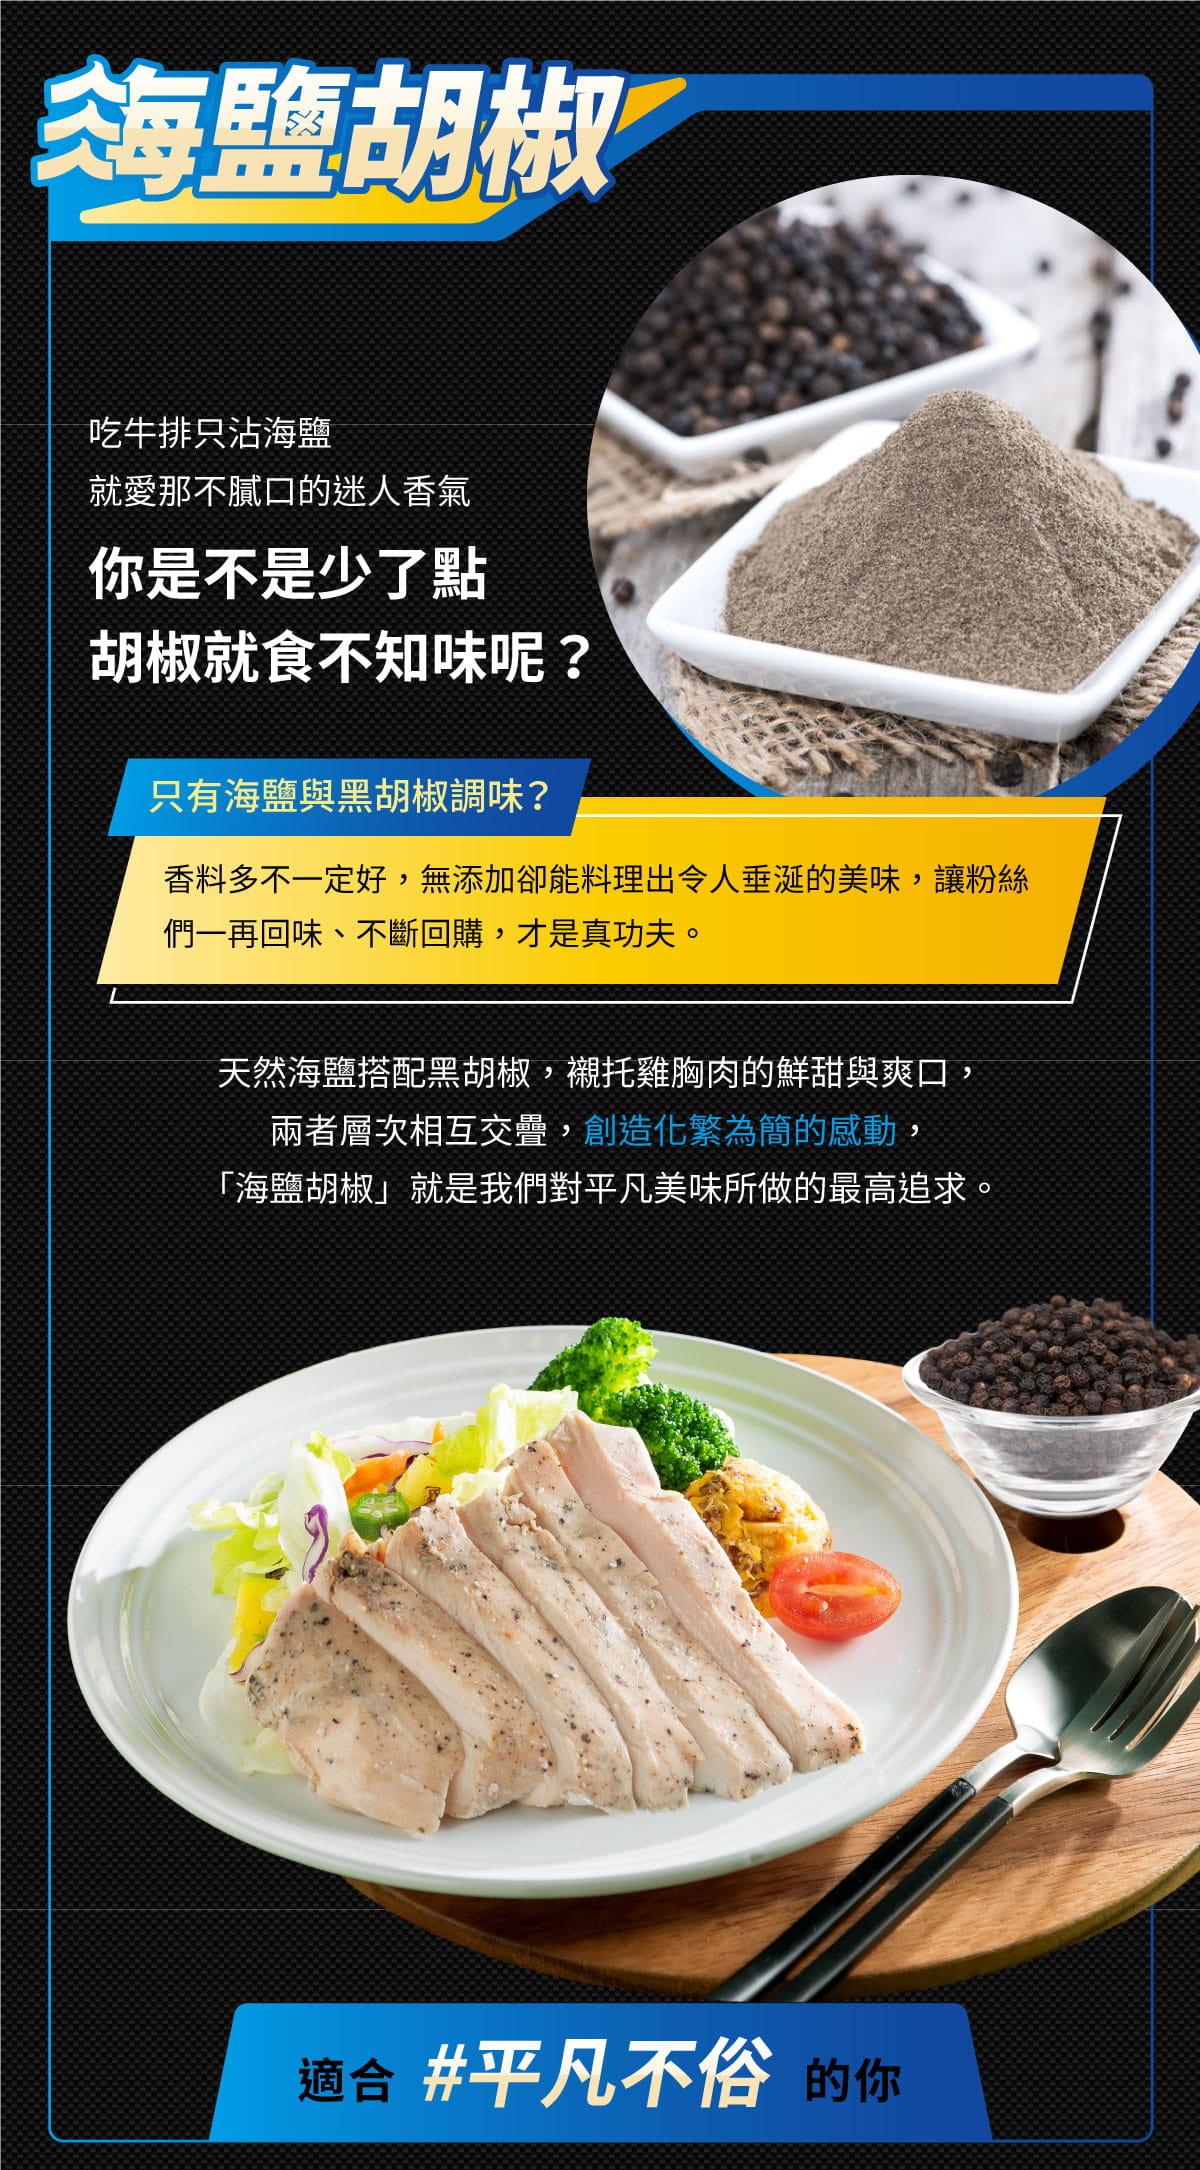 UP運動吃沙拉舒肥雞胸肉即食包 2